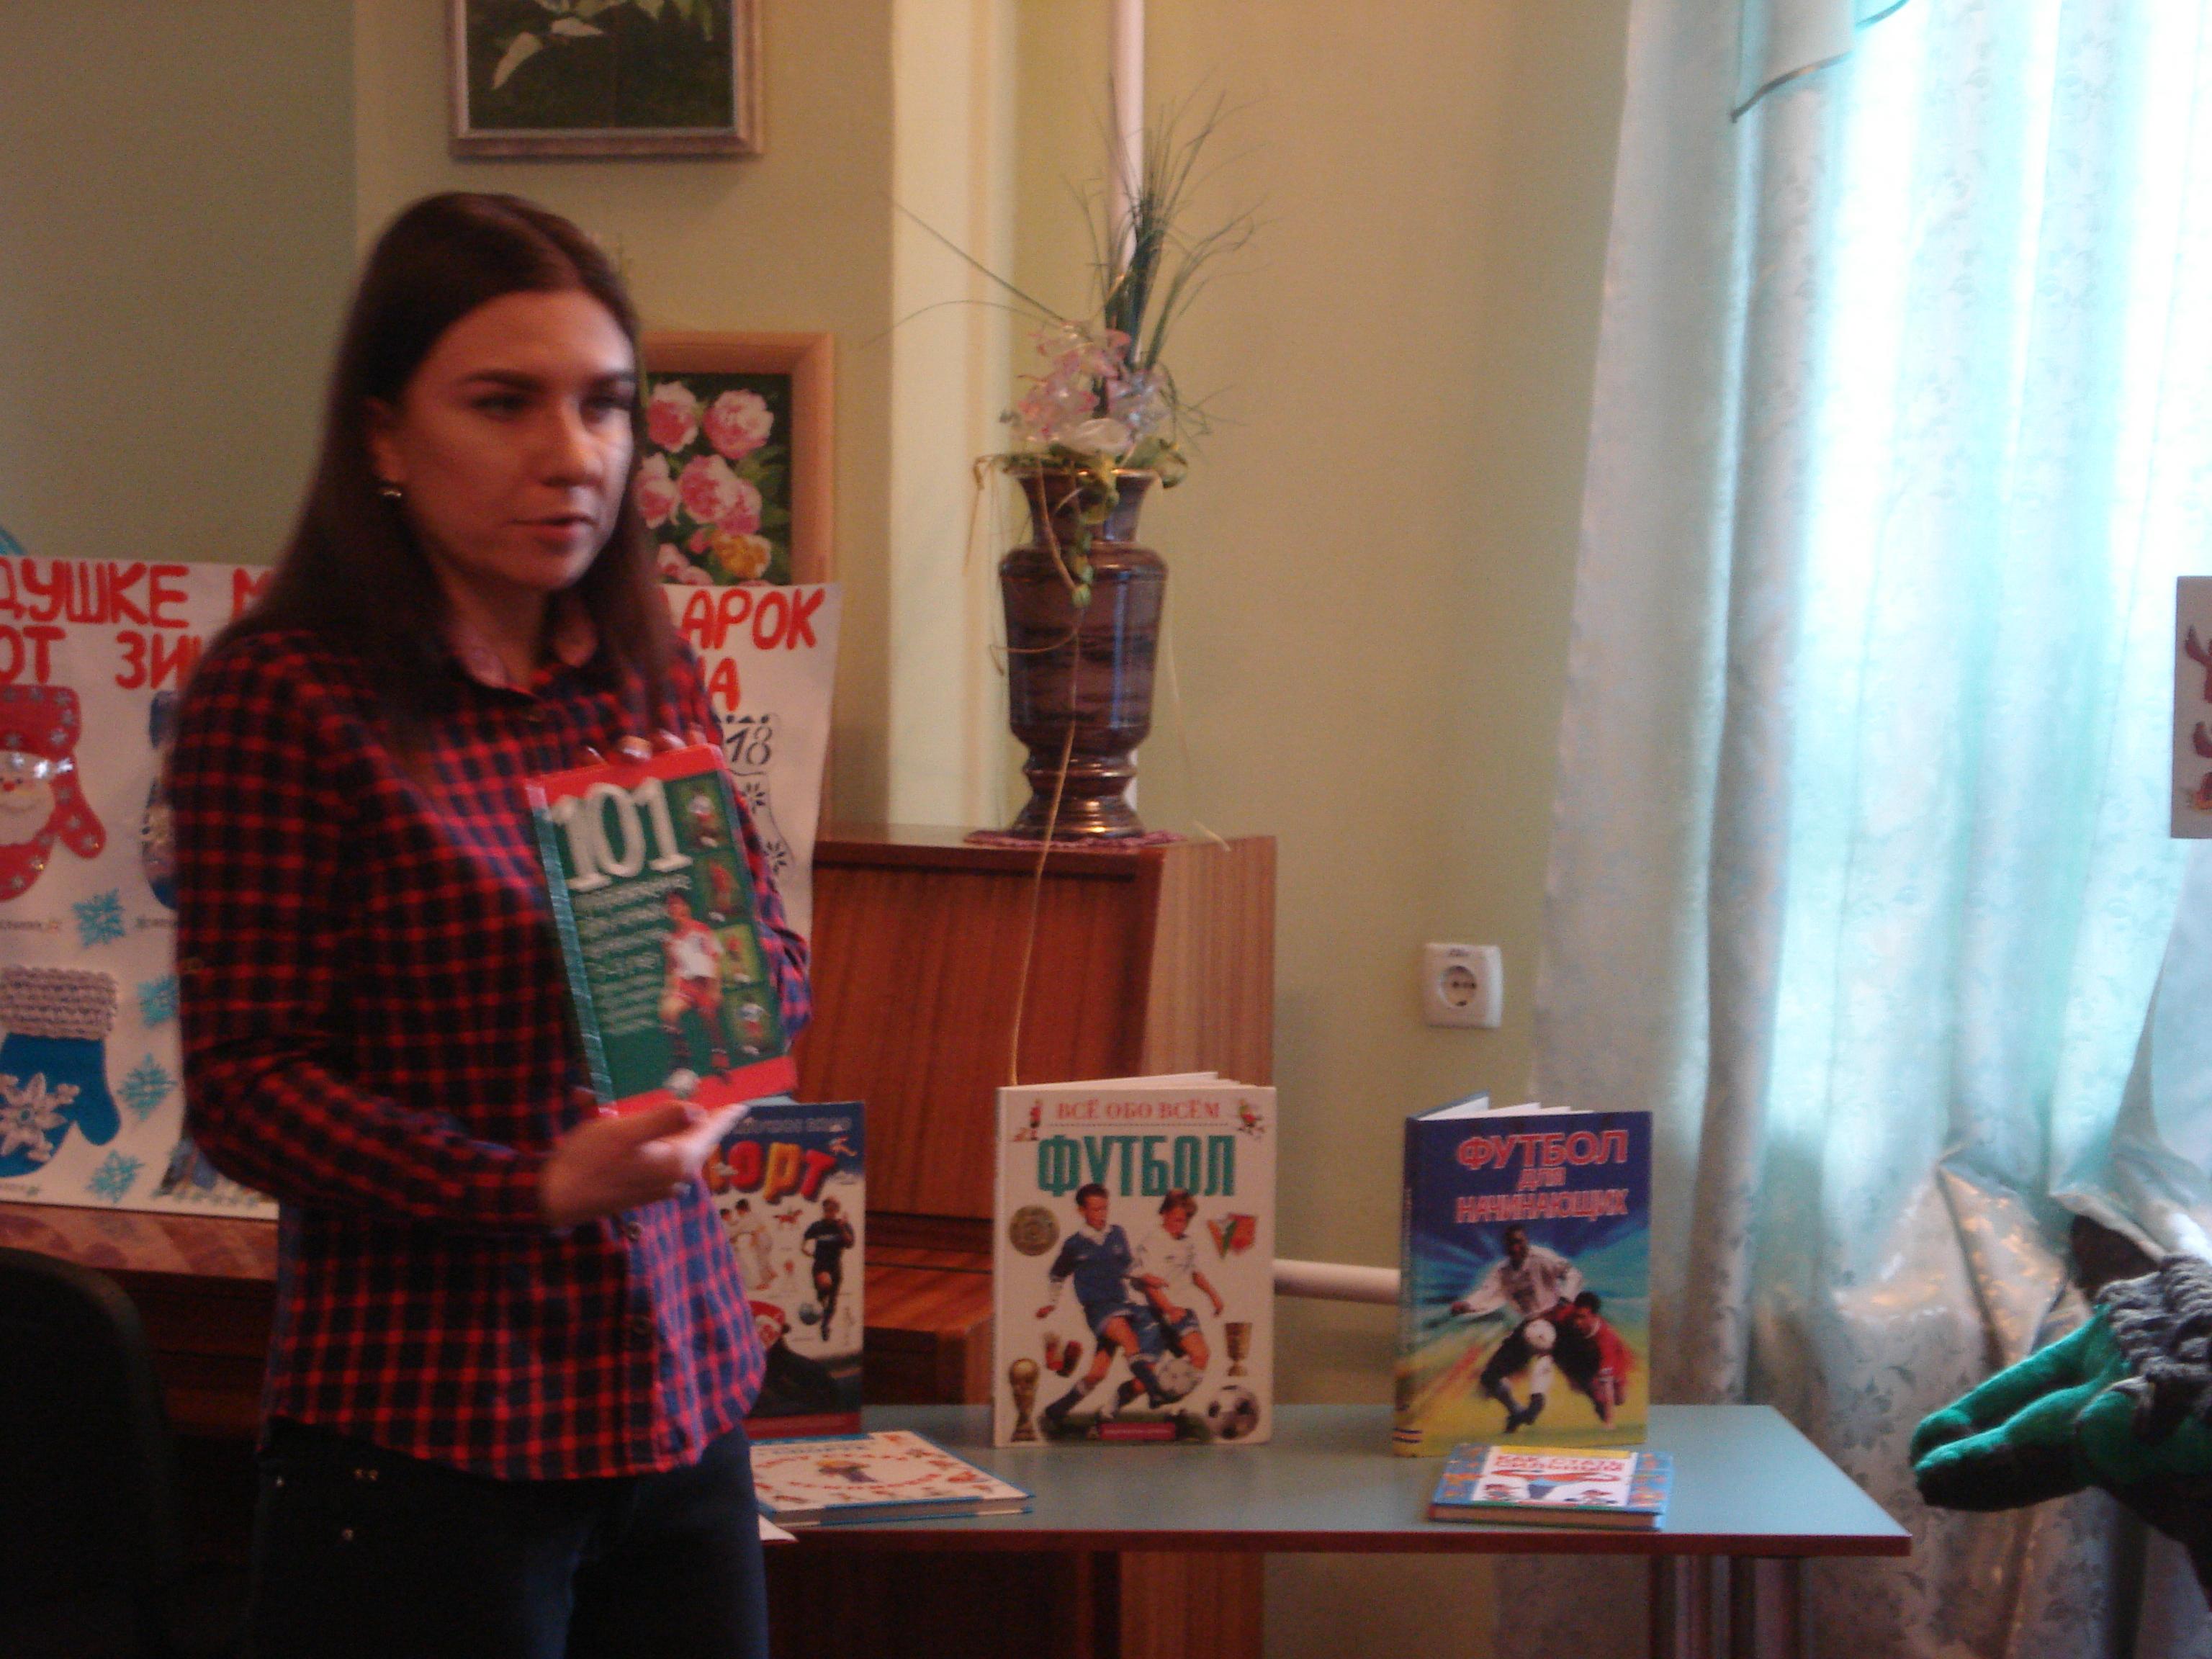 детям о футболе, донецкая республиканская библиотека для детей, отдел обслуживания дошкольников и учащихся 1-4 классов, занятия с детьми